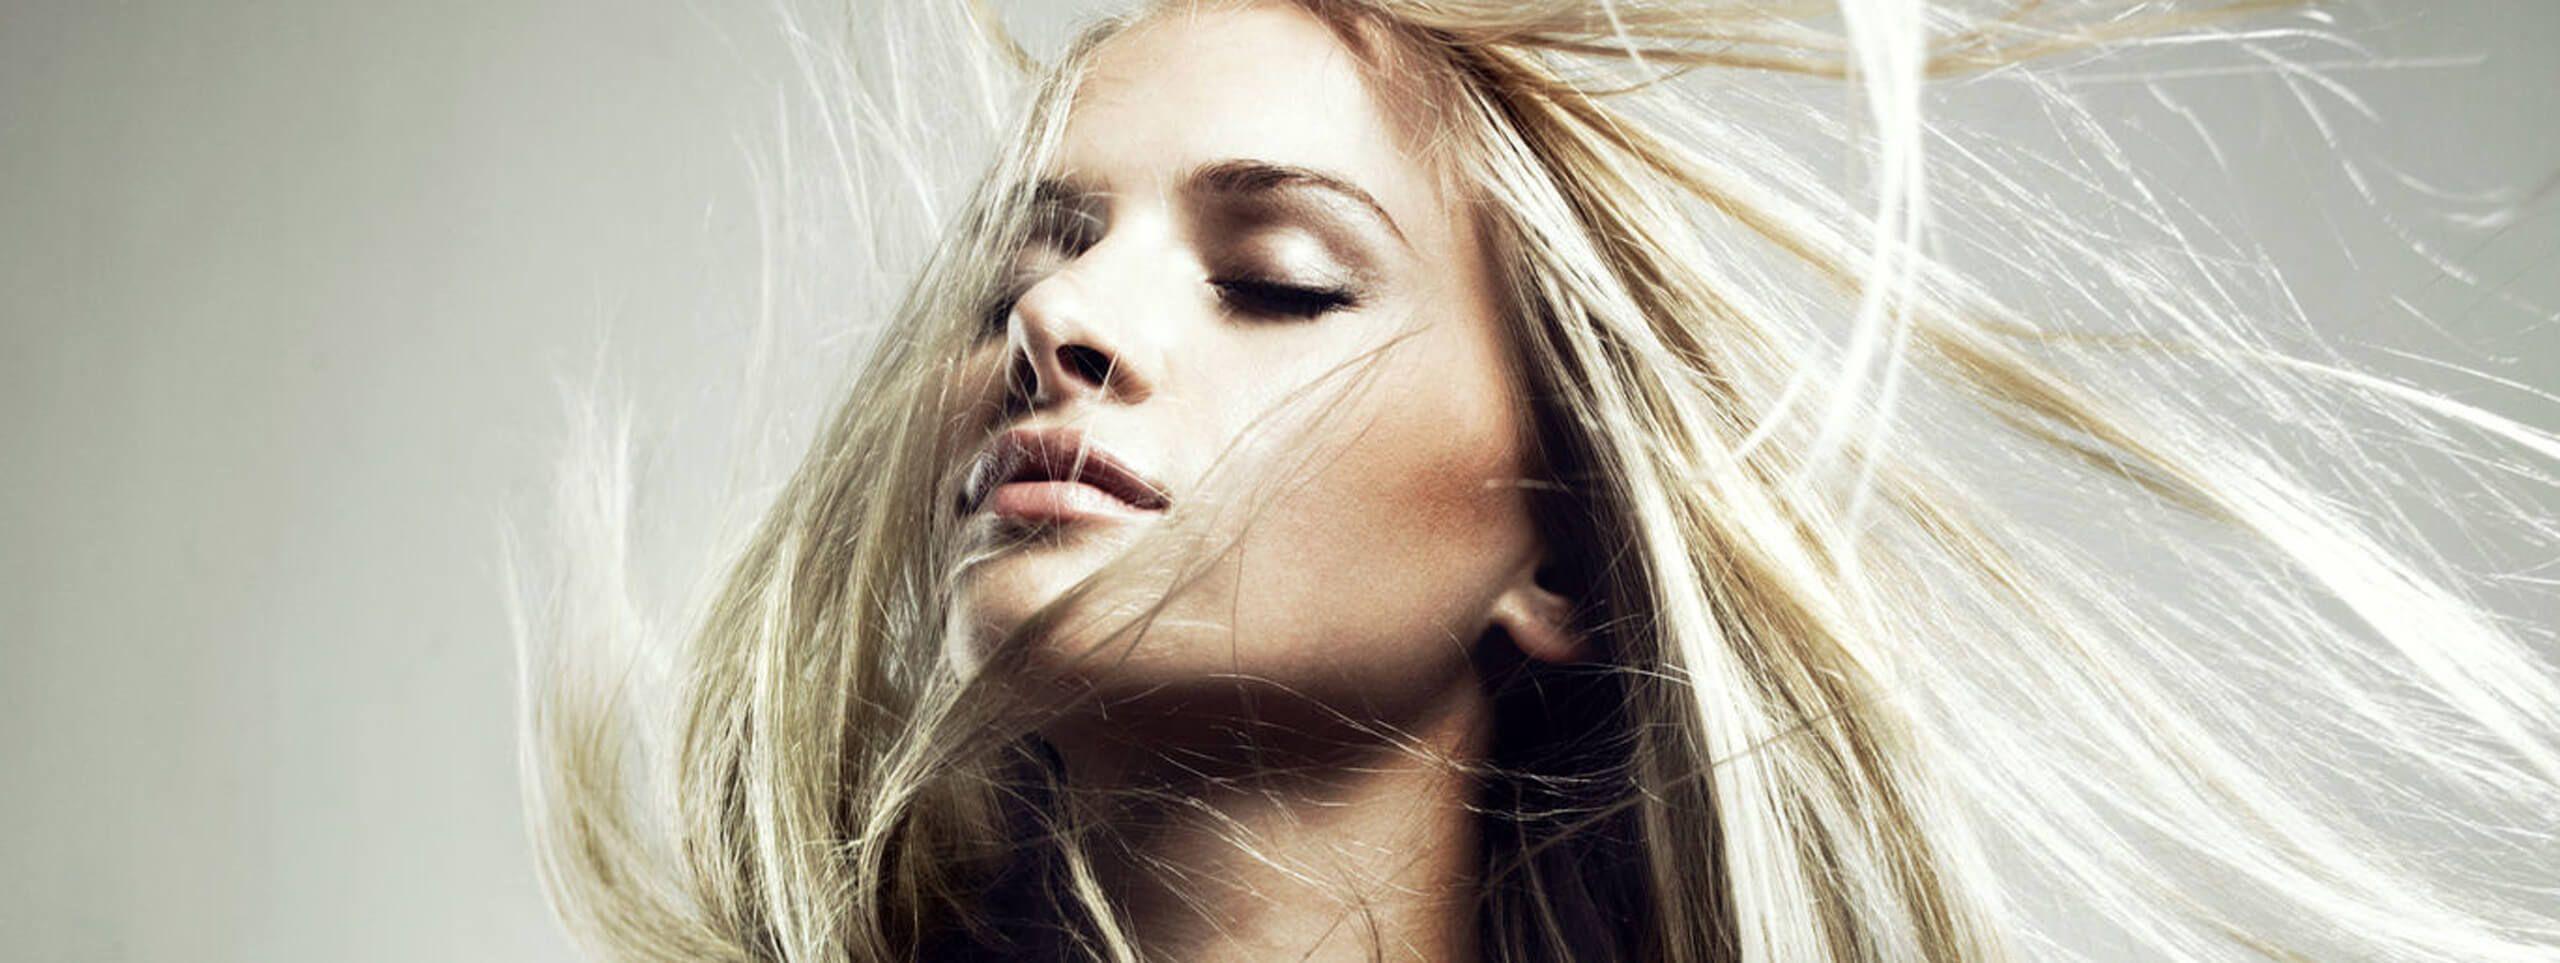 Жирные светлые волосы